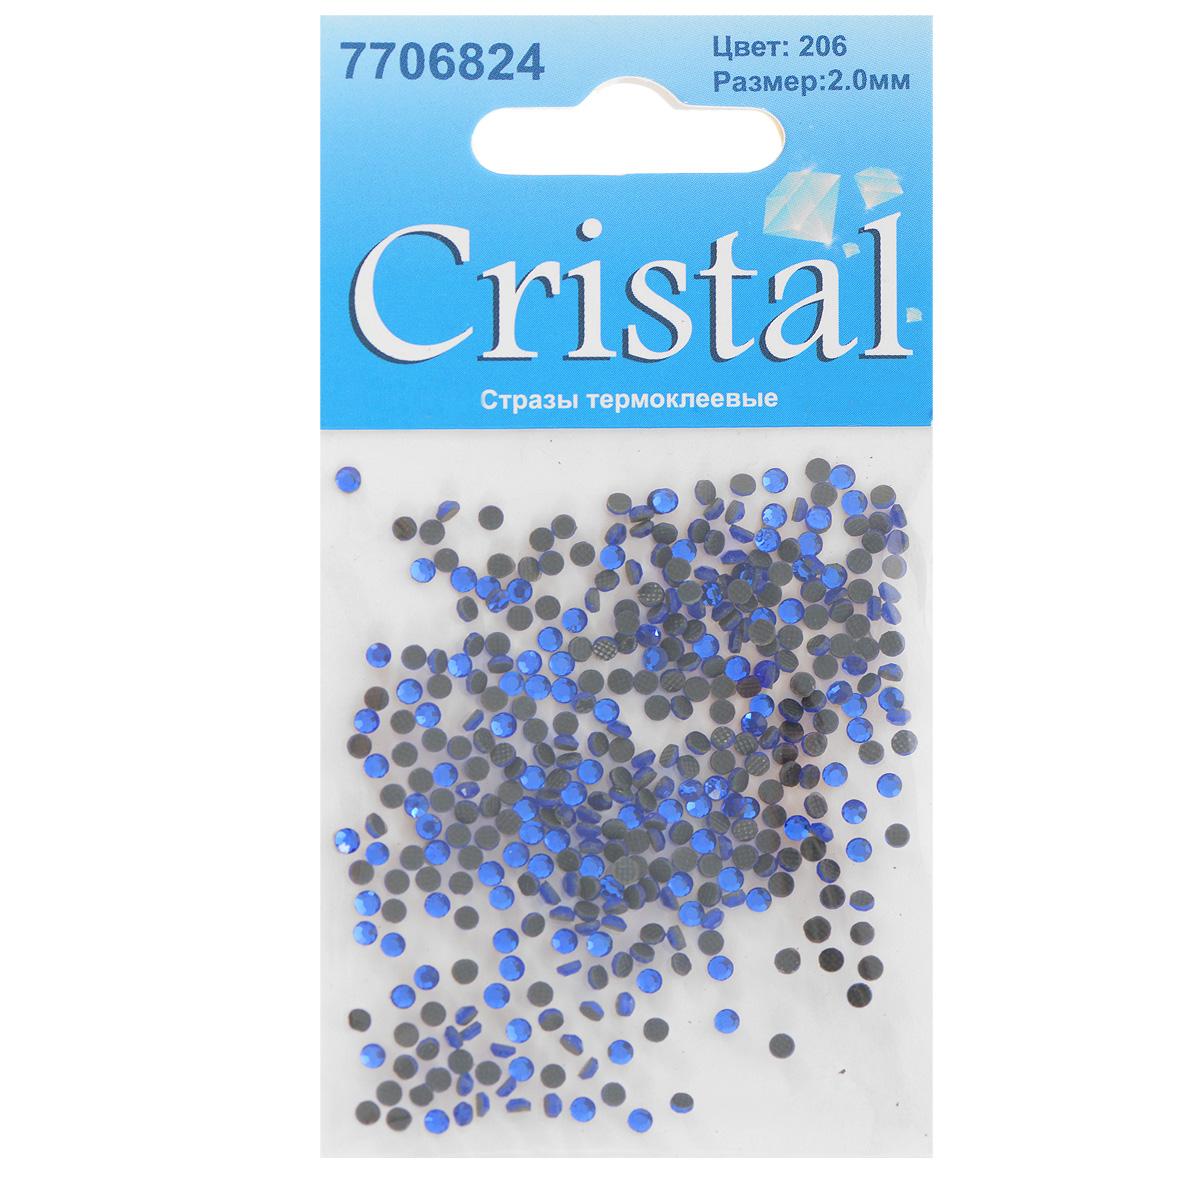 Стразы термоклеевые Cristal, цвет: синий (206), диаметр 2 мм, 432 шт7706824_206Набор термоклеевых страз Cristal, изготовленный из высококачественного акрила, позволит вам украсить одежду, аксессуары или текстиль. Яркие стразы имеют плоское дно и круглую поверхность с гранями. Дно термоклеевых страз уже обработано особым клеем, который под воздействием высоких температур начинает плавиться, приклеиваясь, таким образом, к требуемой поверхности. Чаще всего их используют в текстильной промышленности: стразы прикладывают к ткани и проглаживают утюгом с обратной стороны. Также можно использовать специальный паяльник. Украшение стразами поможет сделать любую вещь оригинальной и неповторимой. Диаметр страз: 2 мм.